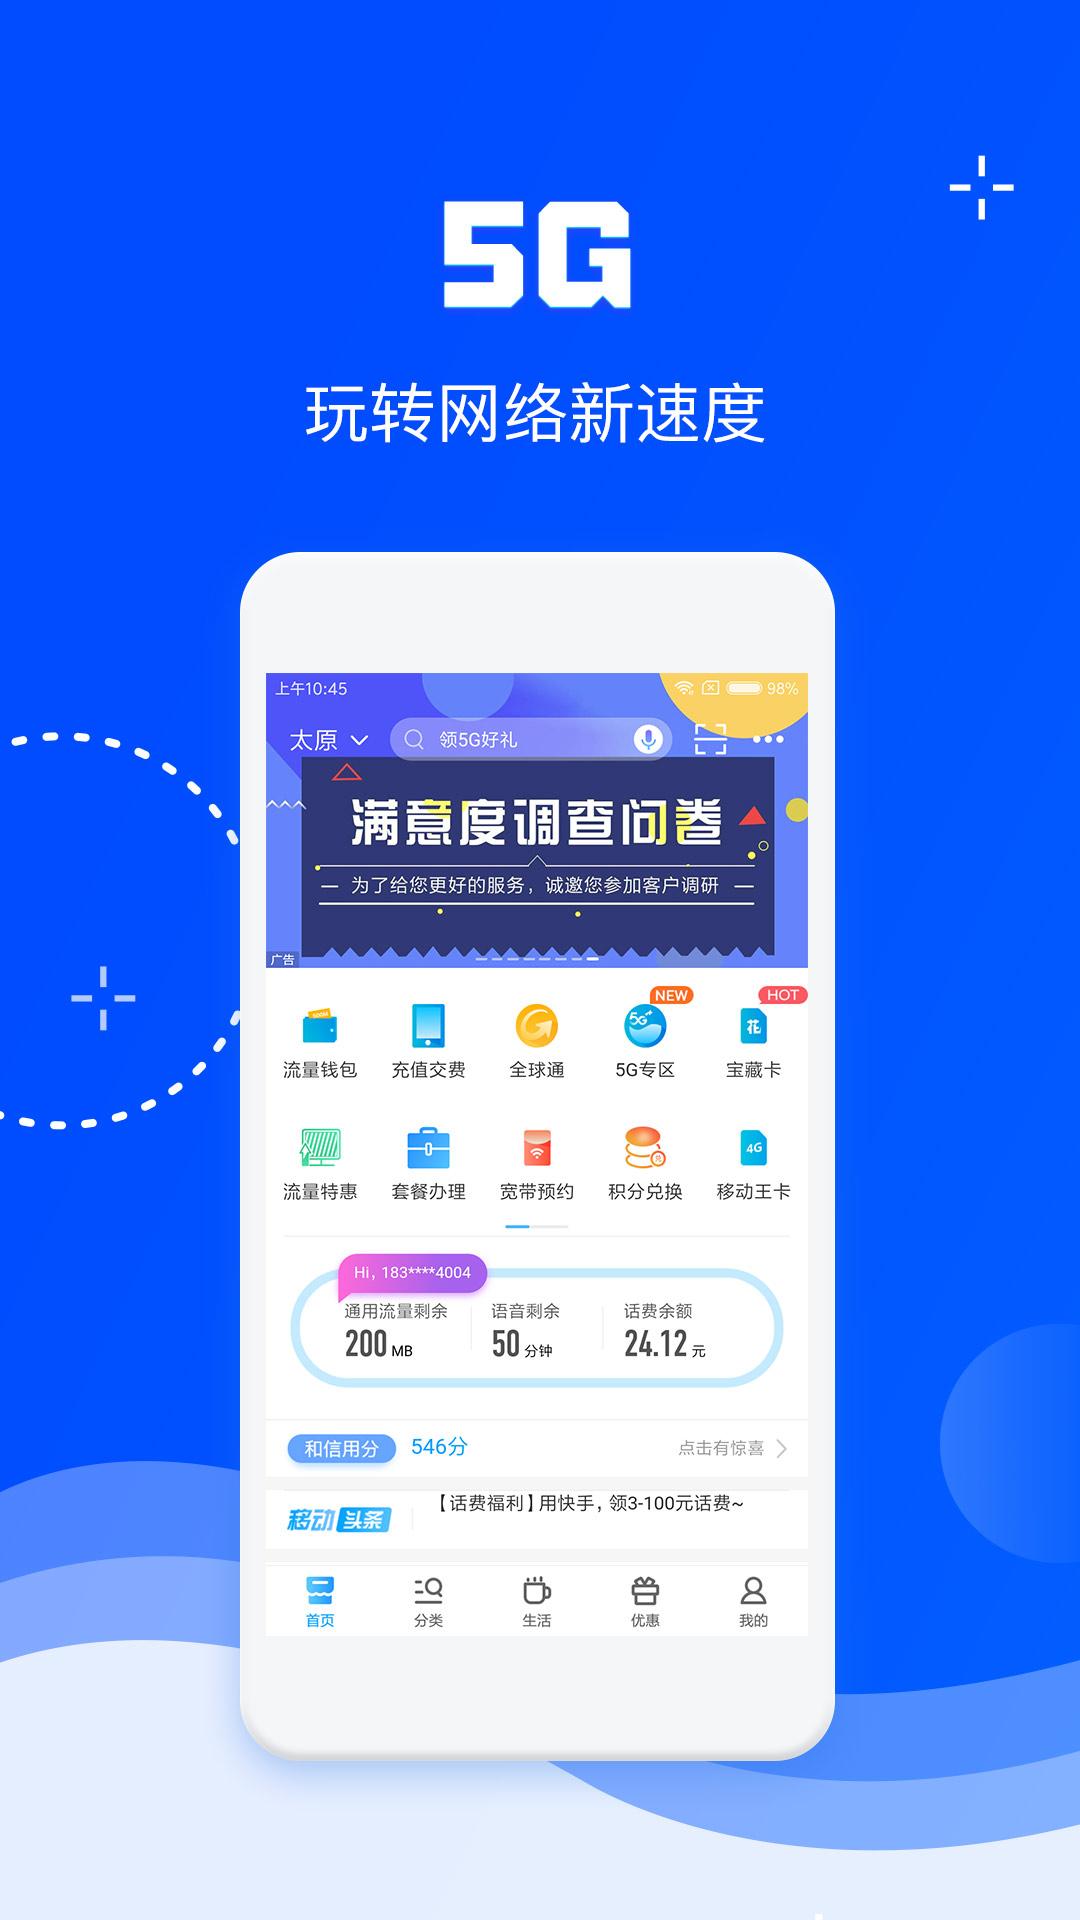 中国移动手机营业厅 V6.1.0 安卓版截图3